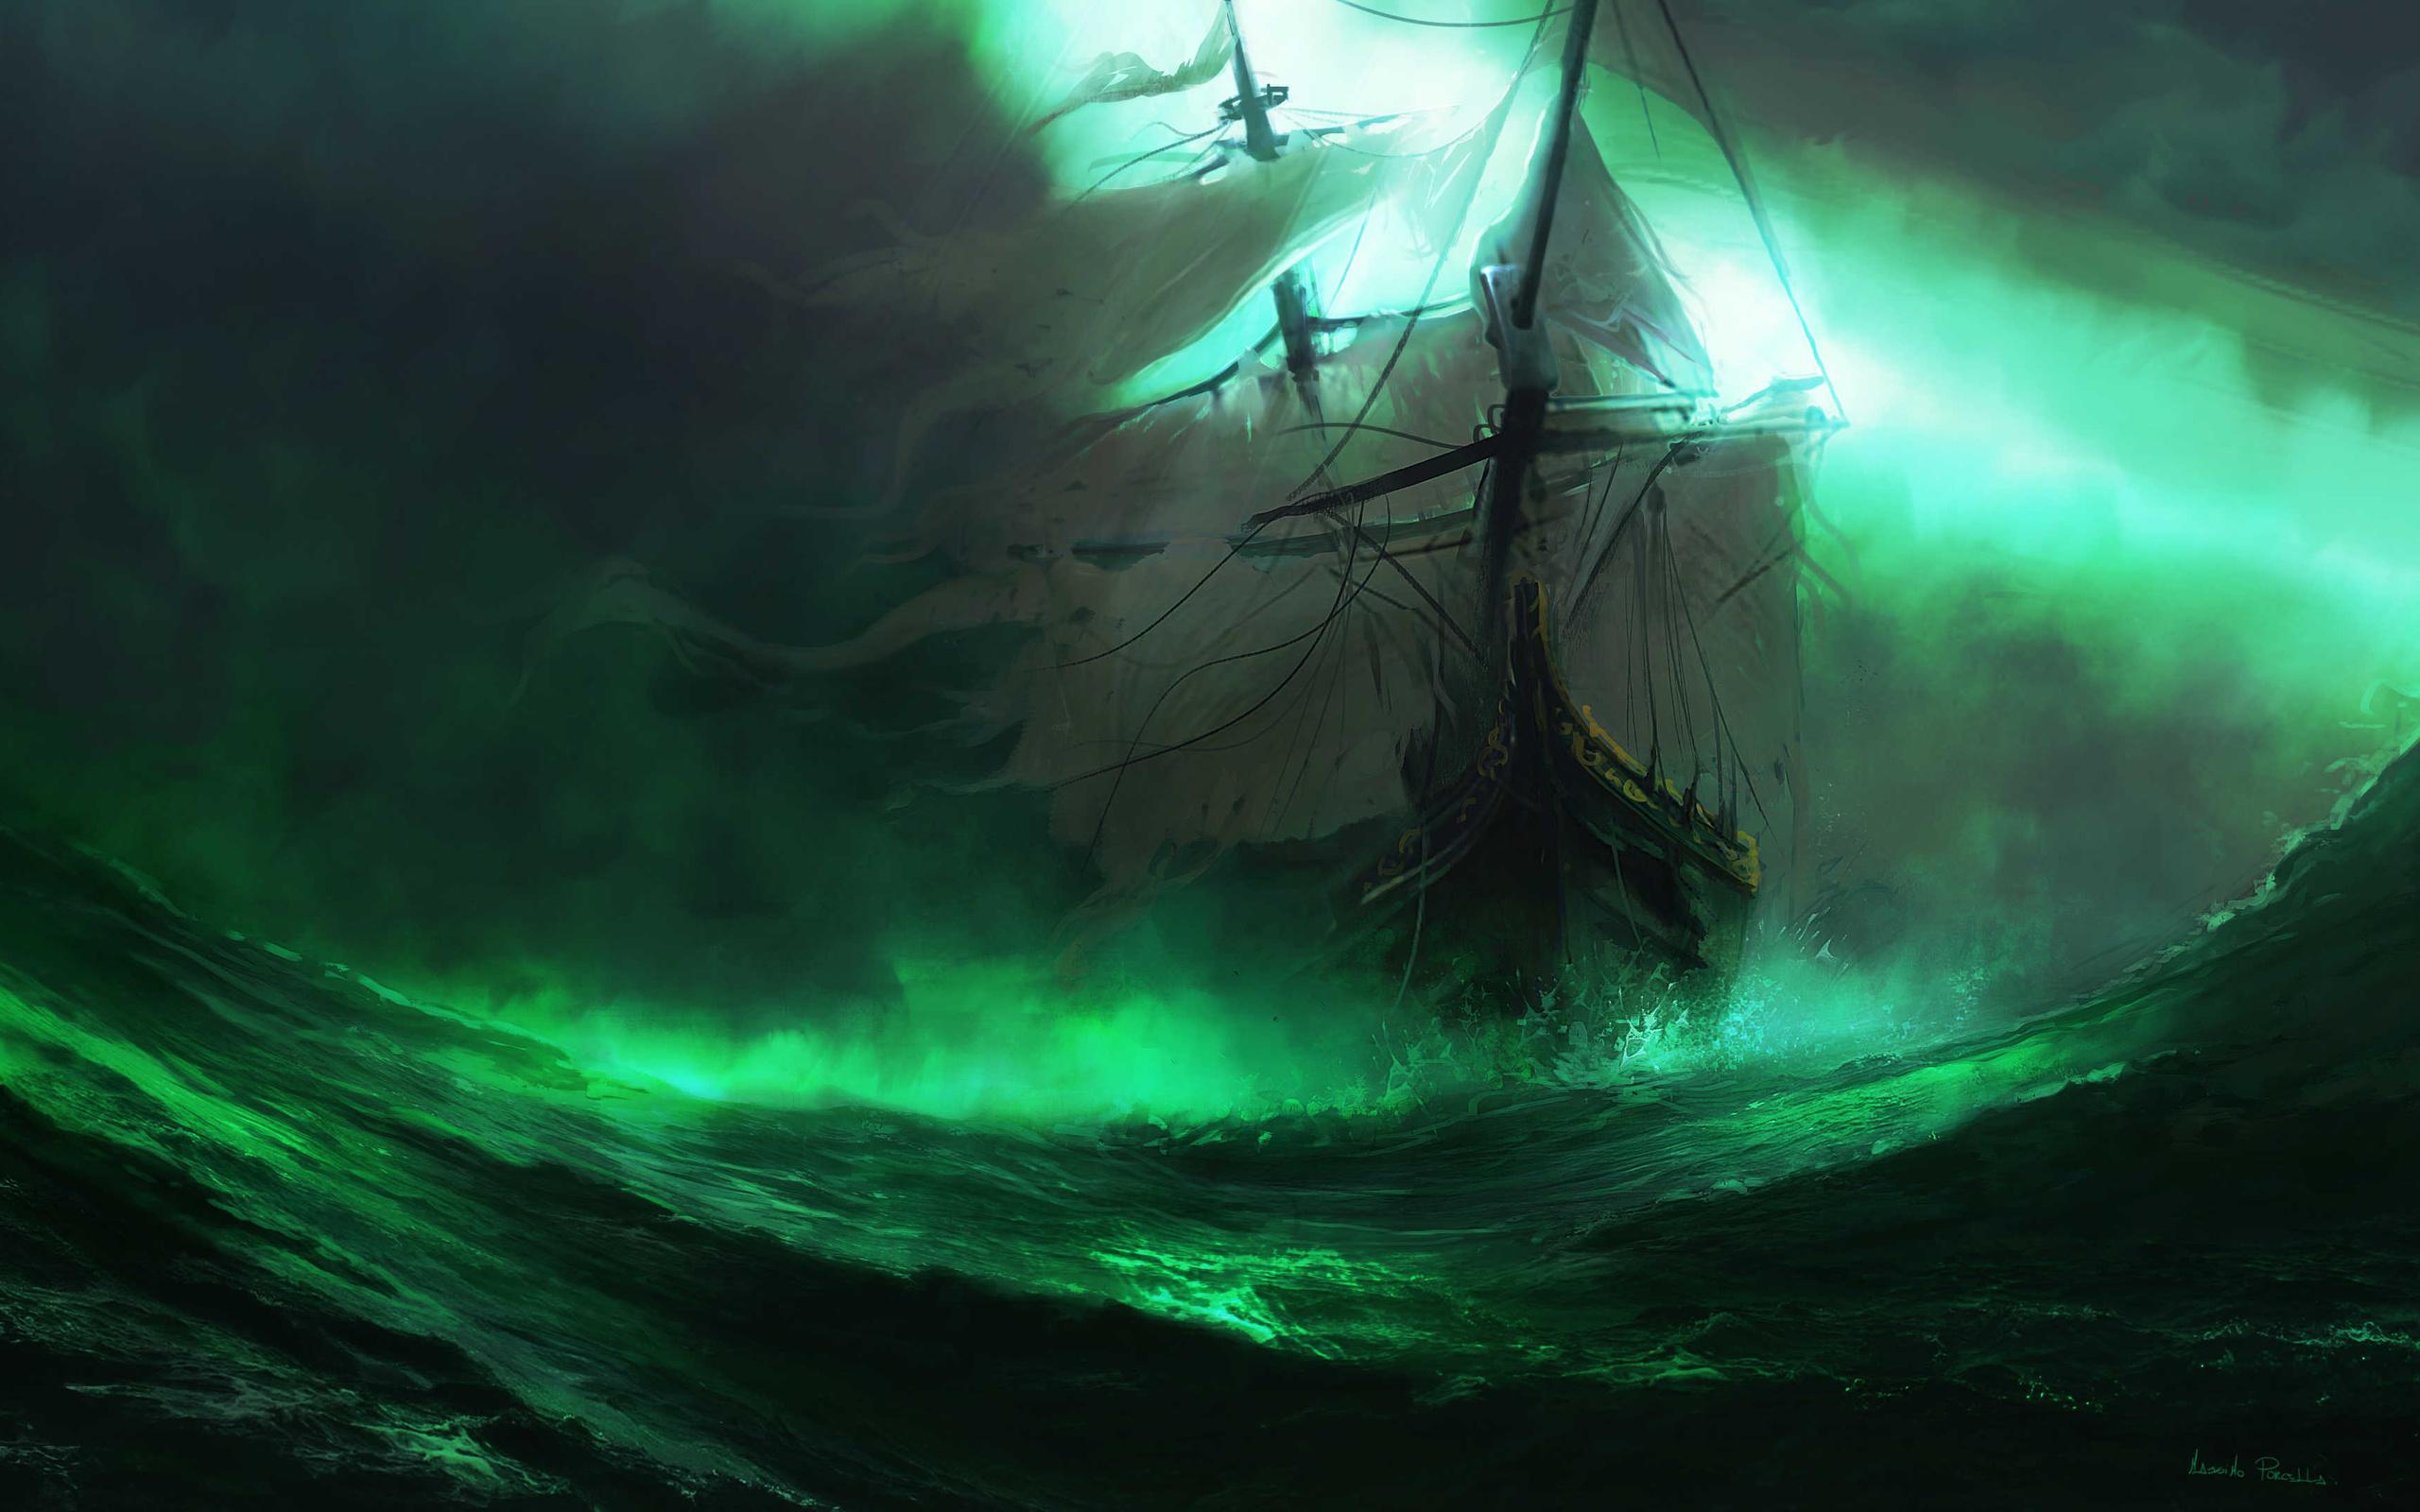 корабль, парусник, искусство, фэнтези, море